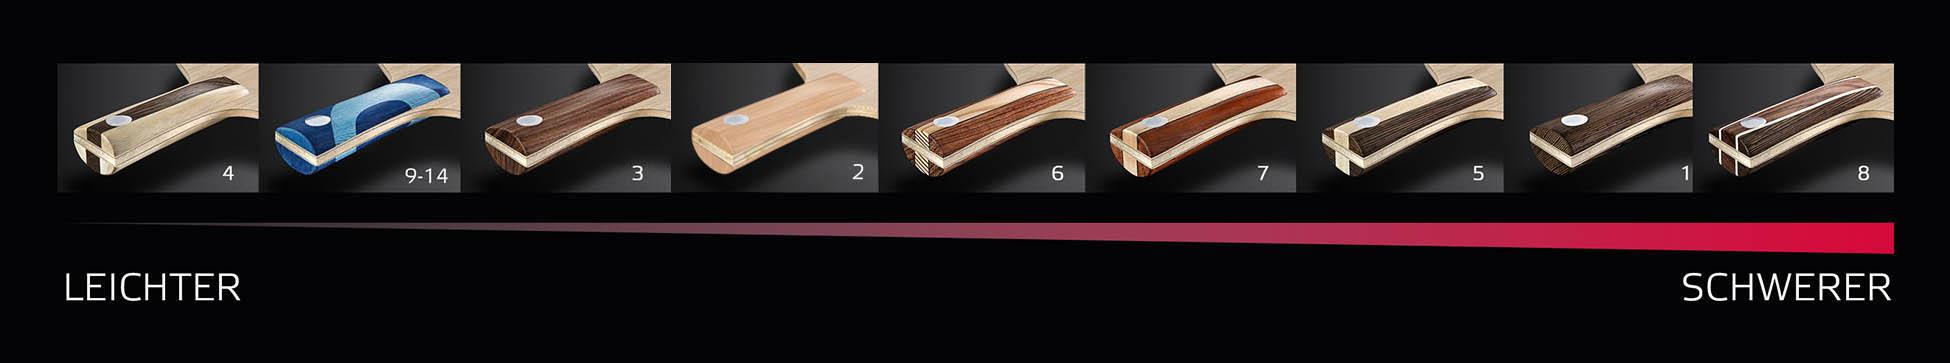 Griffmaterialien für SOULSPIN Tischtennisschläger im Vergleich geordnet von leicht bis schwer